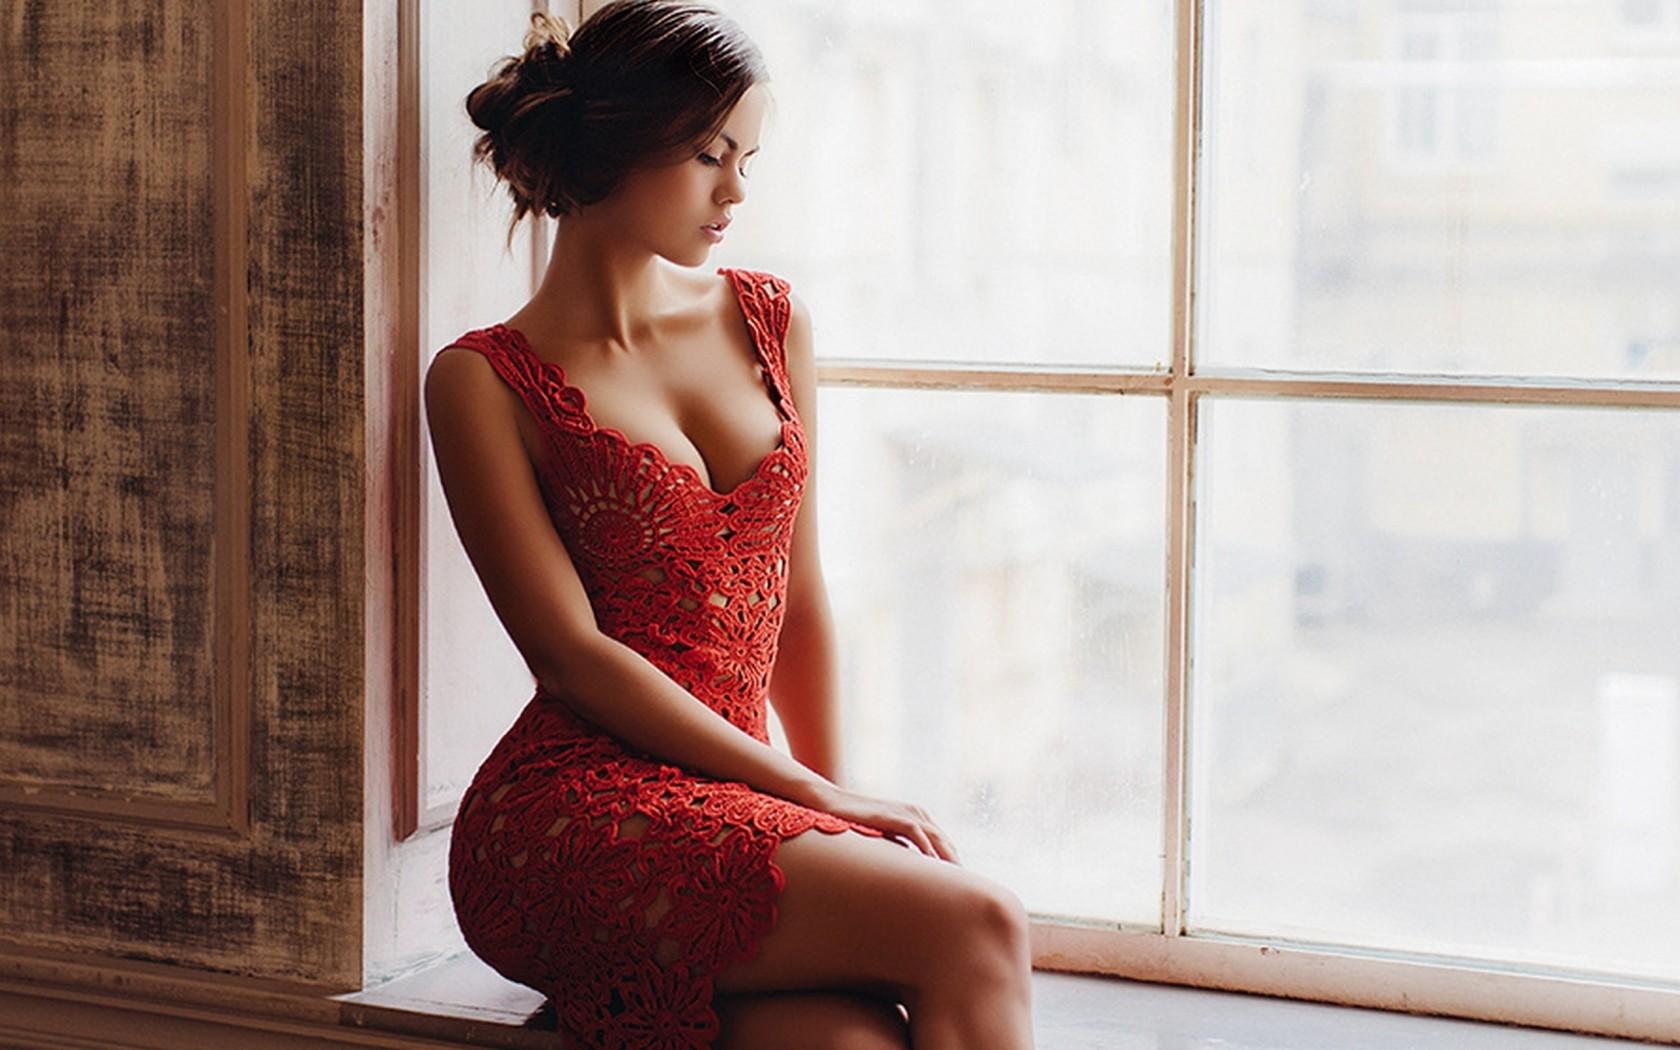 Женская красота по мнению мужчин